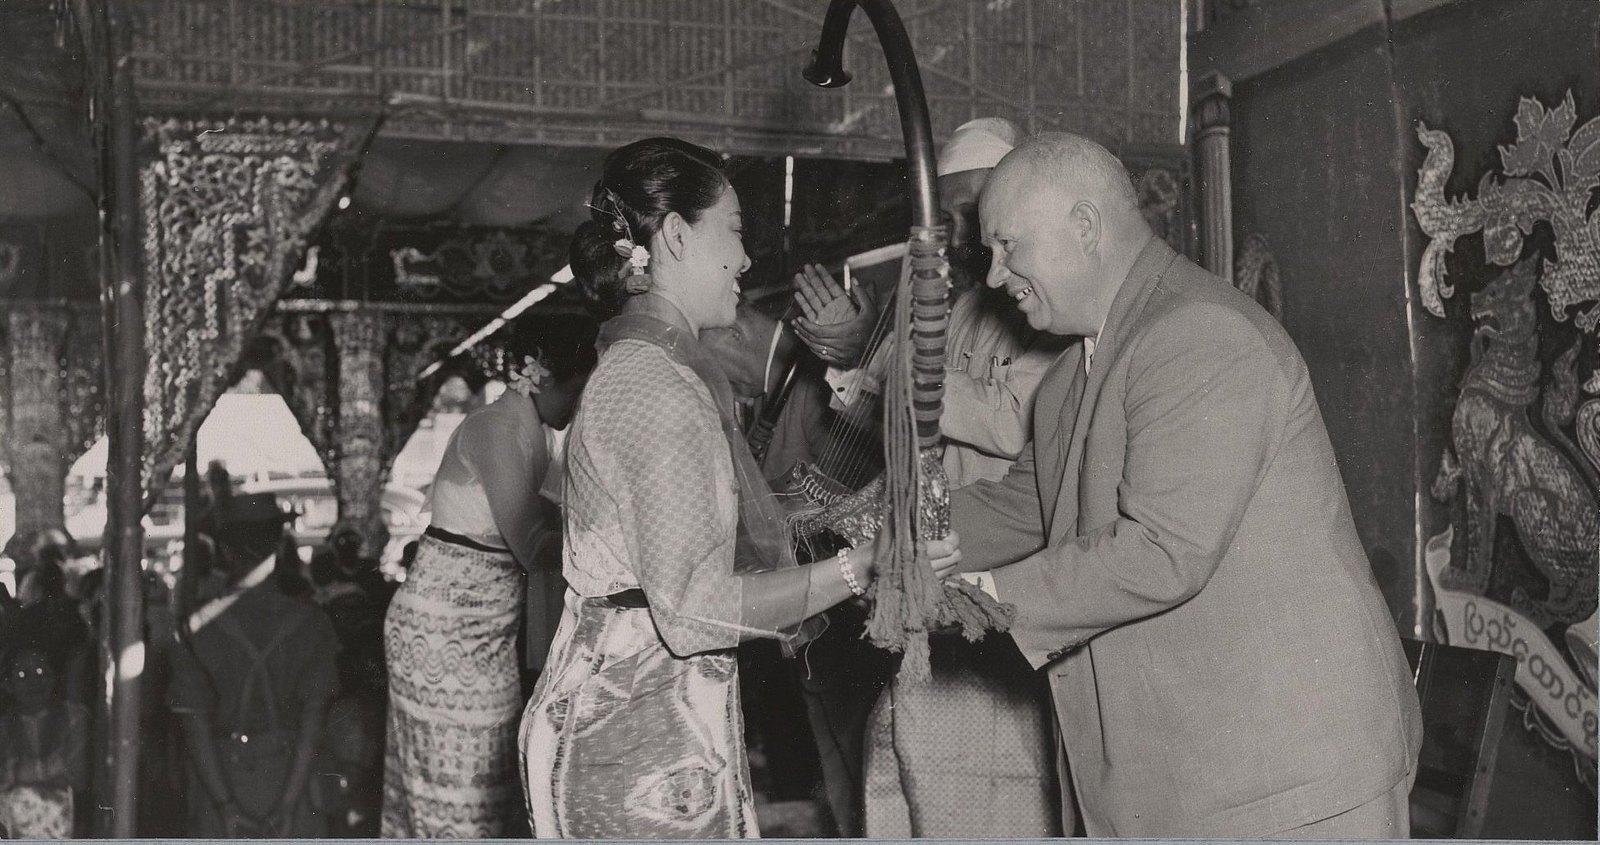 24. В Мандалае. Н.С. Хрущёв принимает из рук бирманки музыкальный инструмент